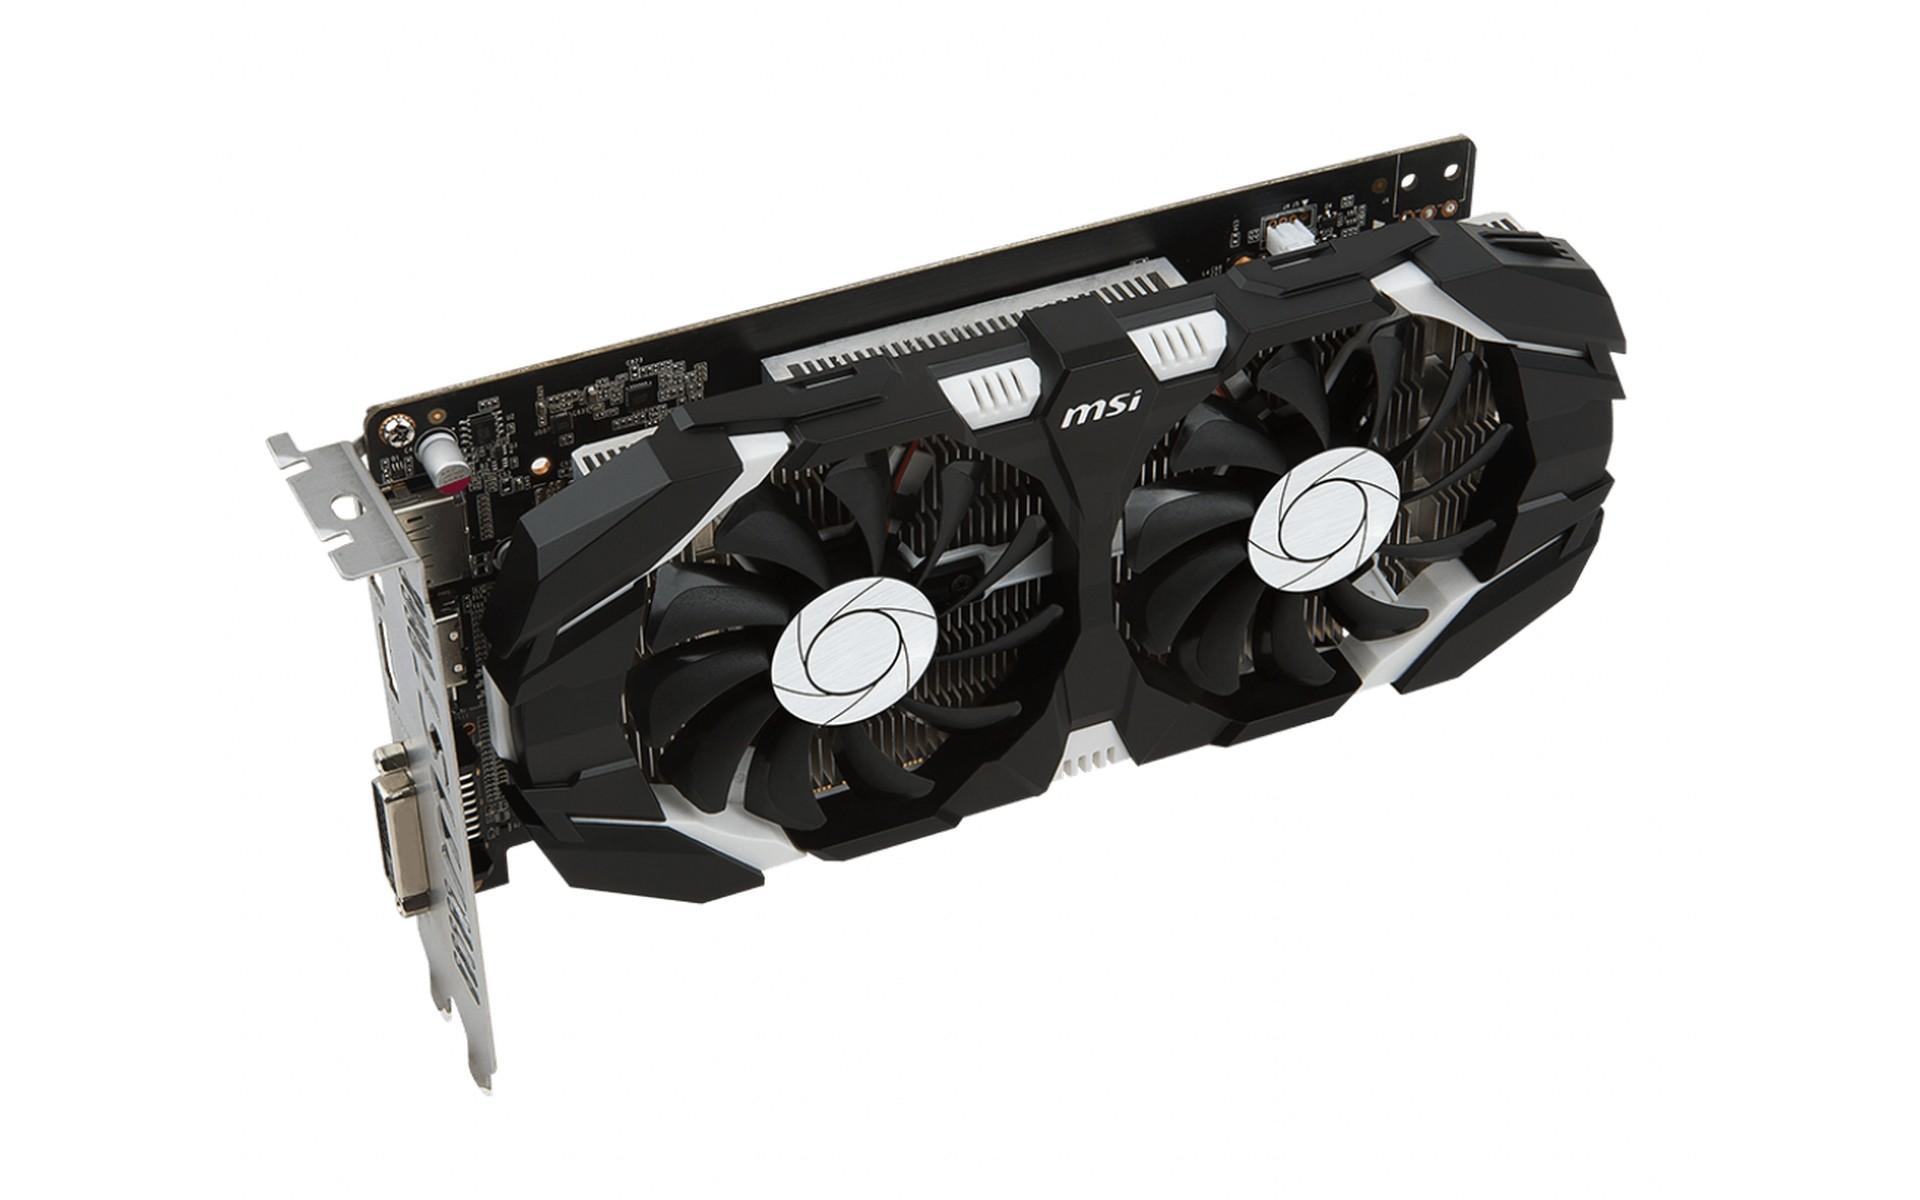 MSI GTX 1050 Ti 4GB GDDR5 OC V1 chỉ sử dụng các thành phần được chứng nhận MIL-STD-810G